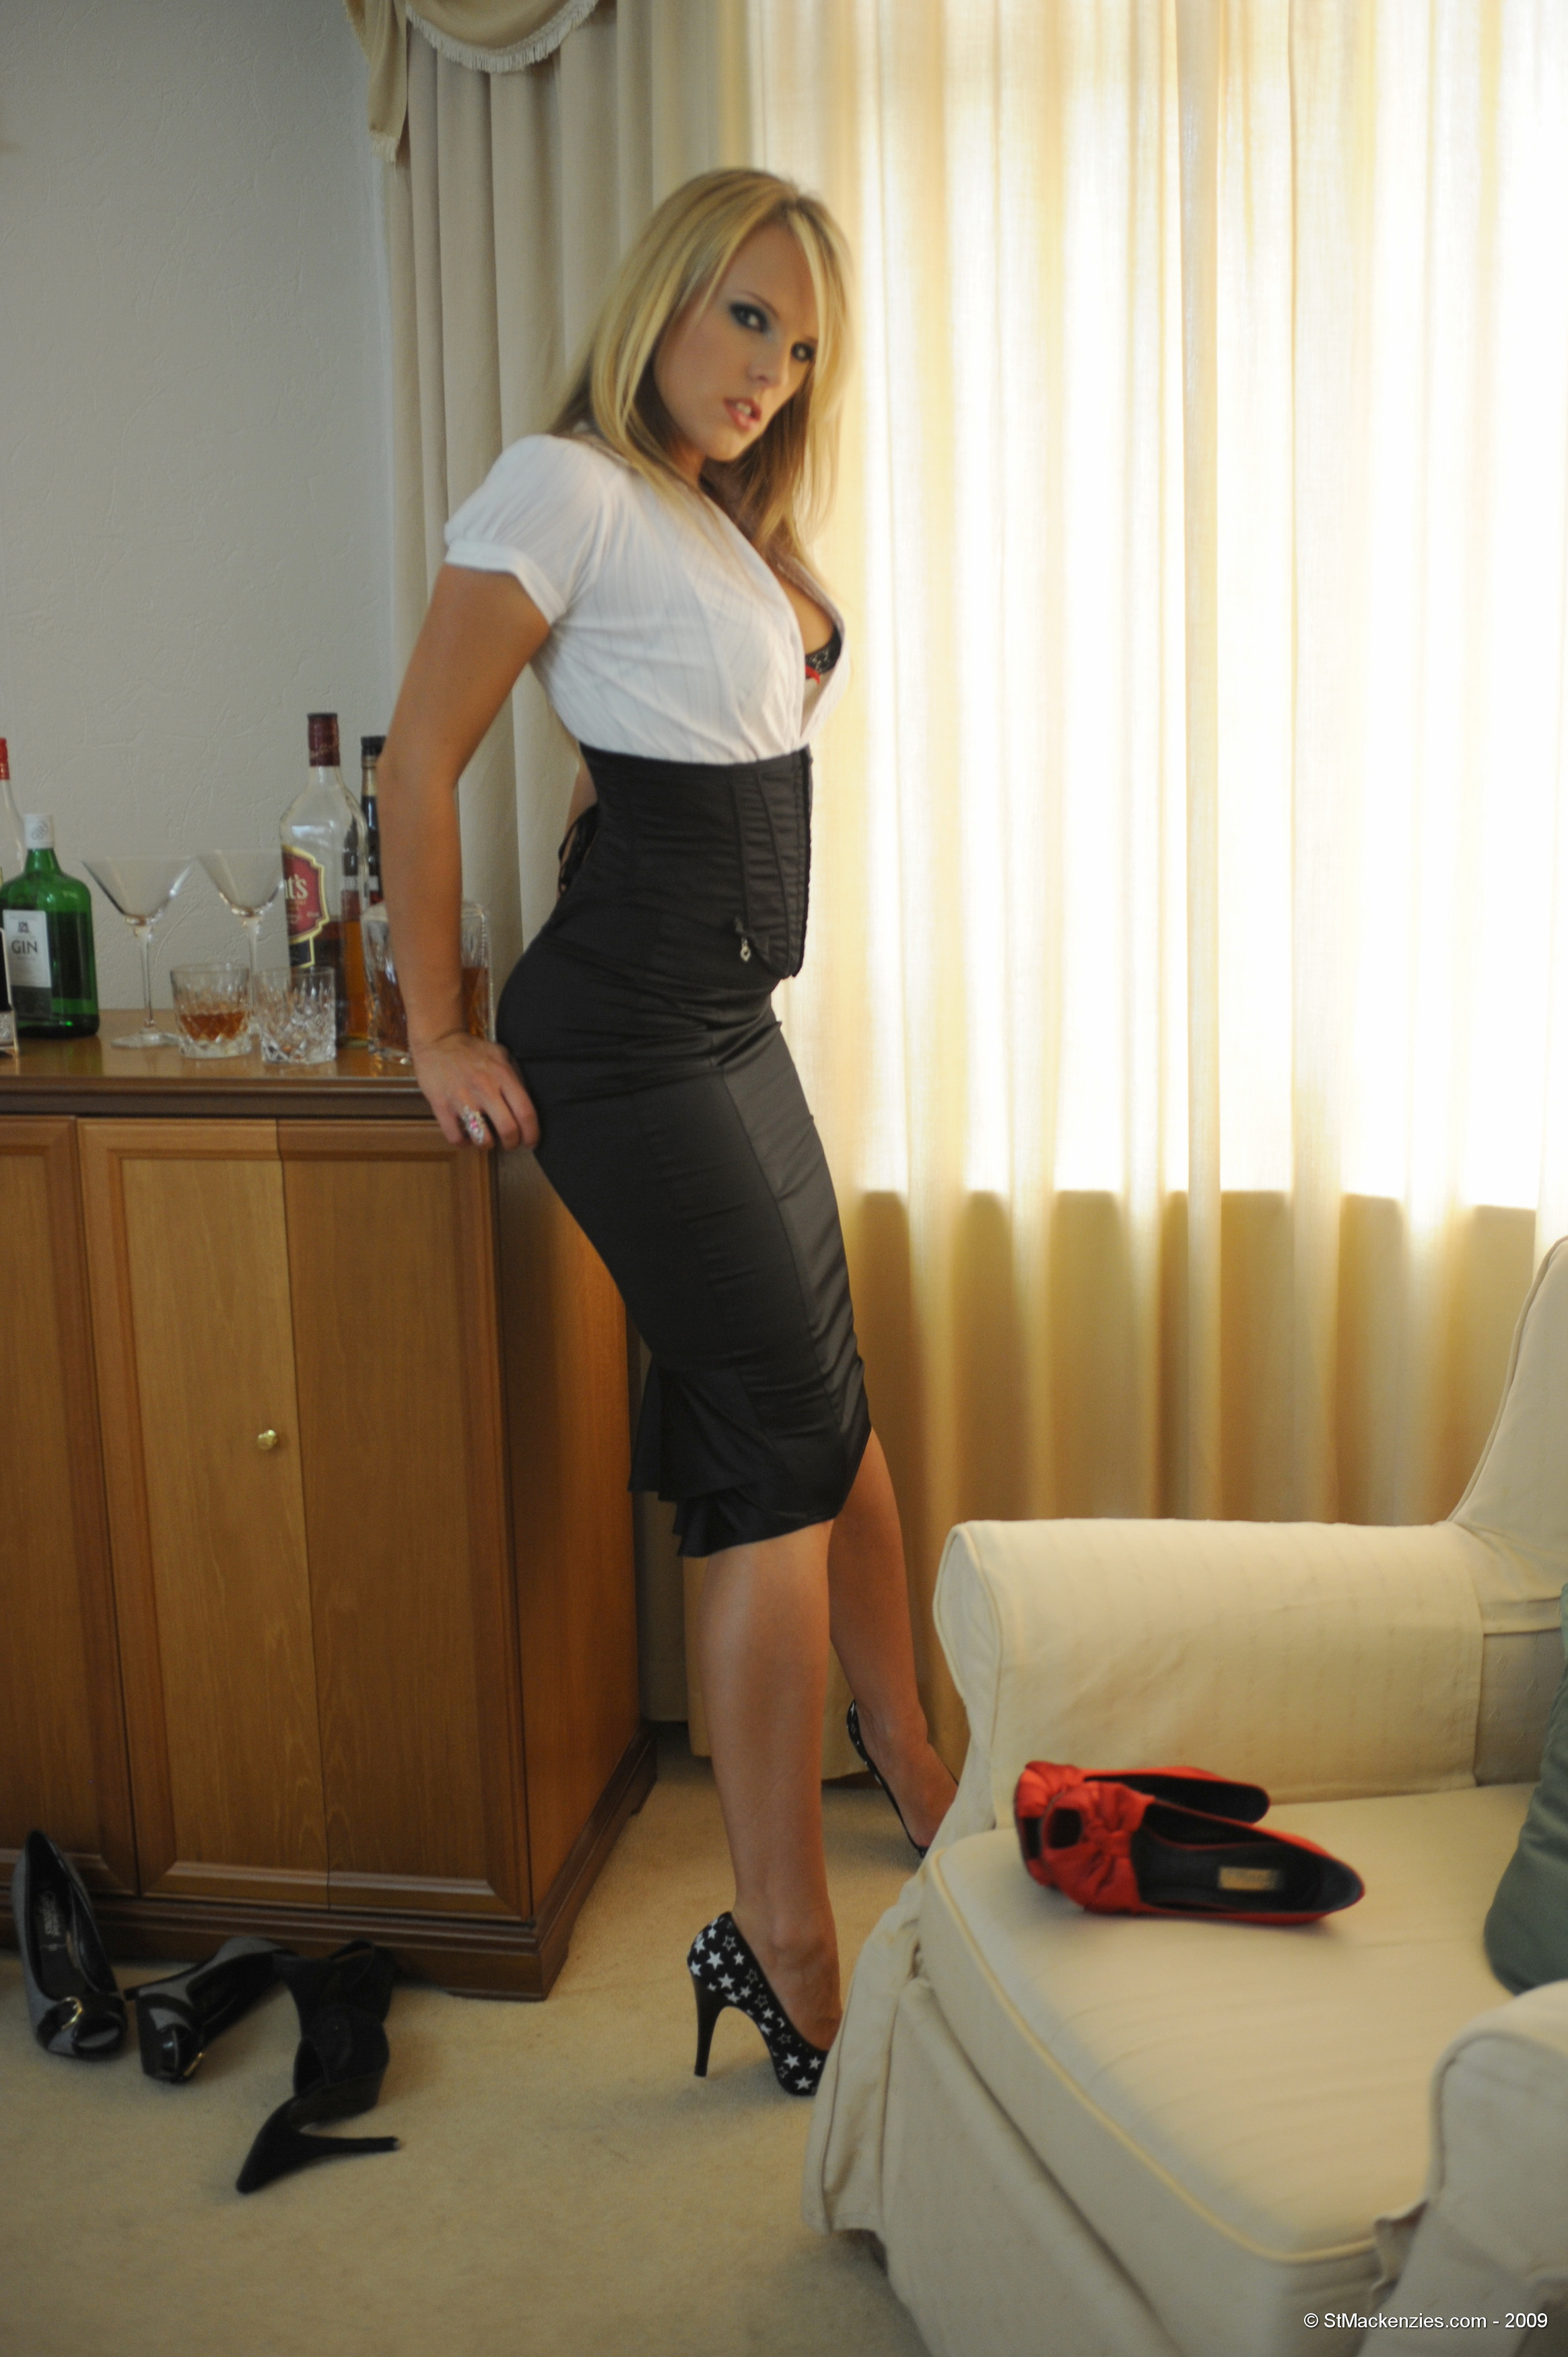 Эротические фото девушек в деловых костюмах фото 262-391